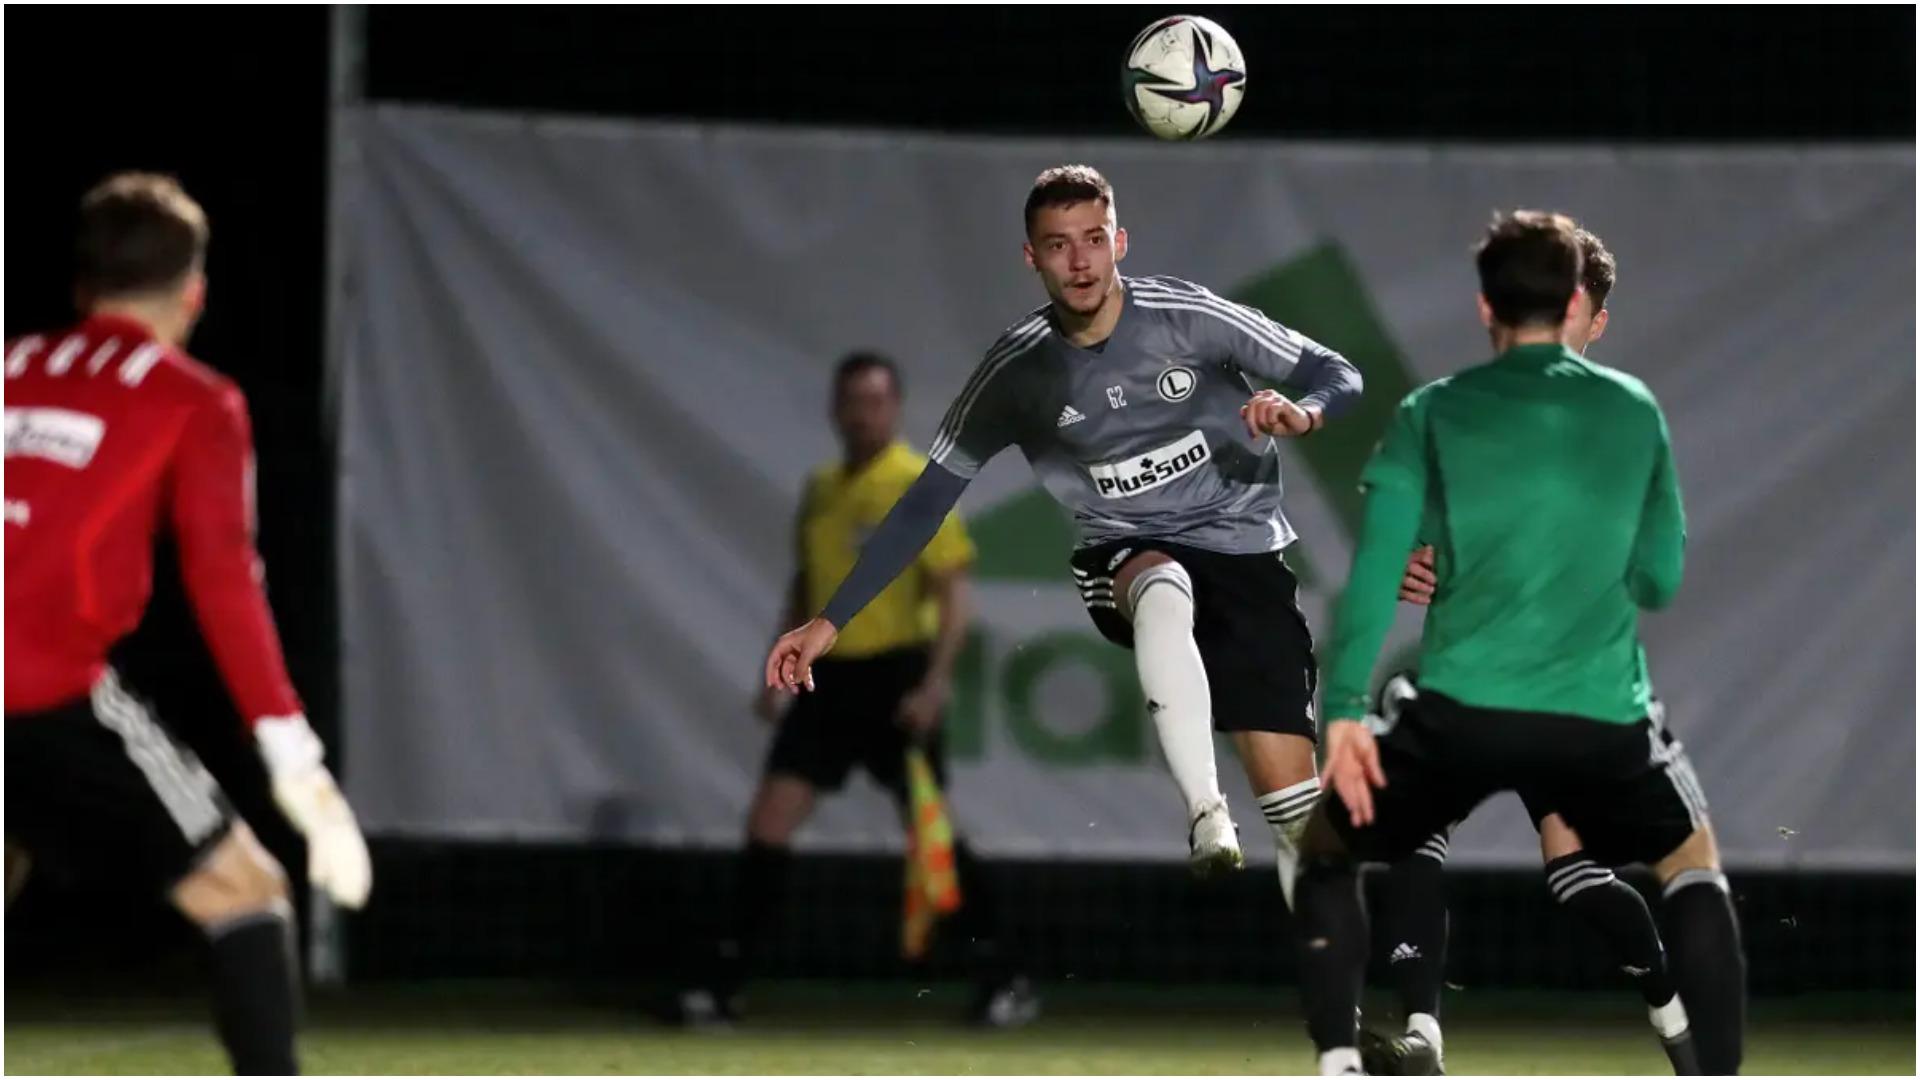 Muçi debuton me gol, trajneri i Legias: Messi ynë, turp ta lësh në stol